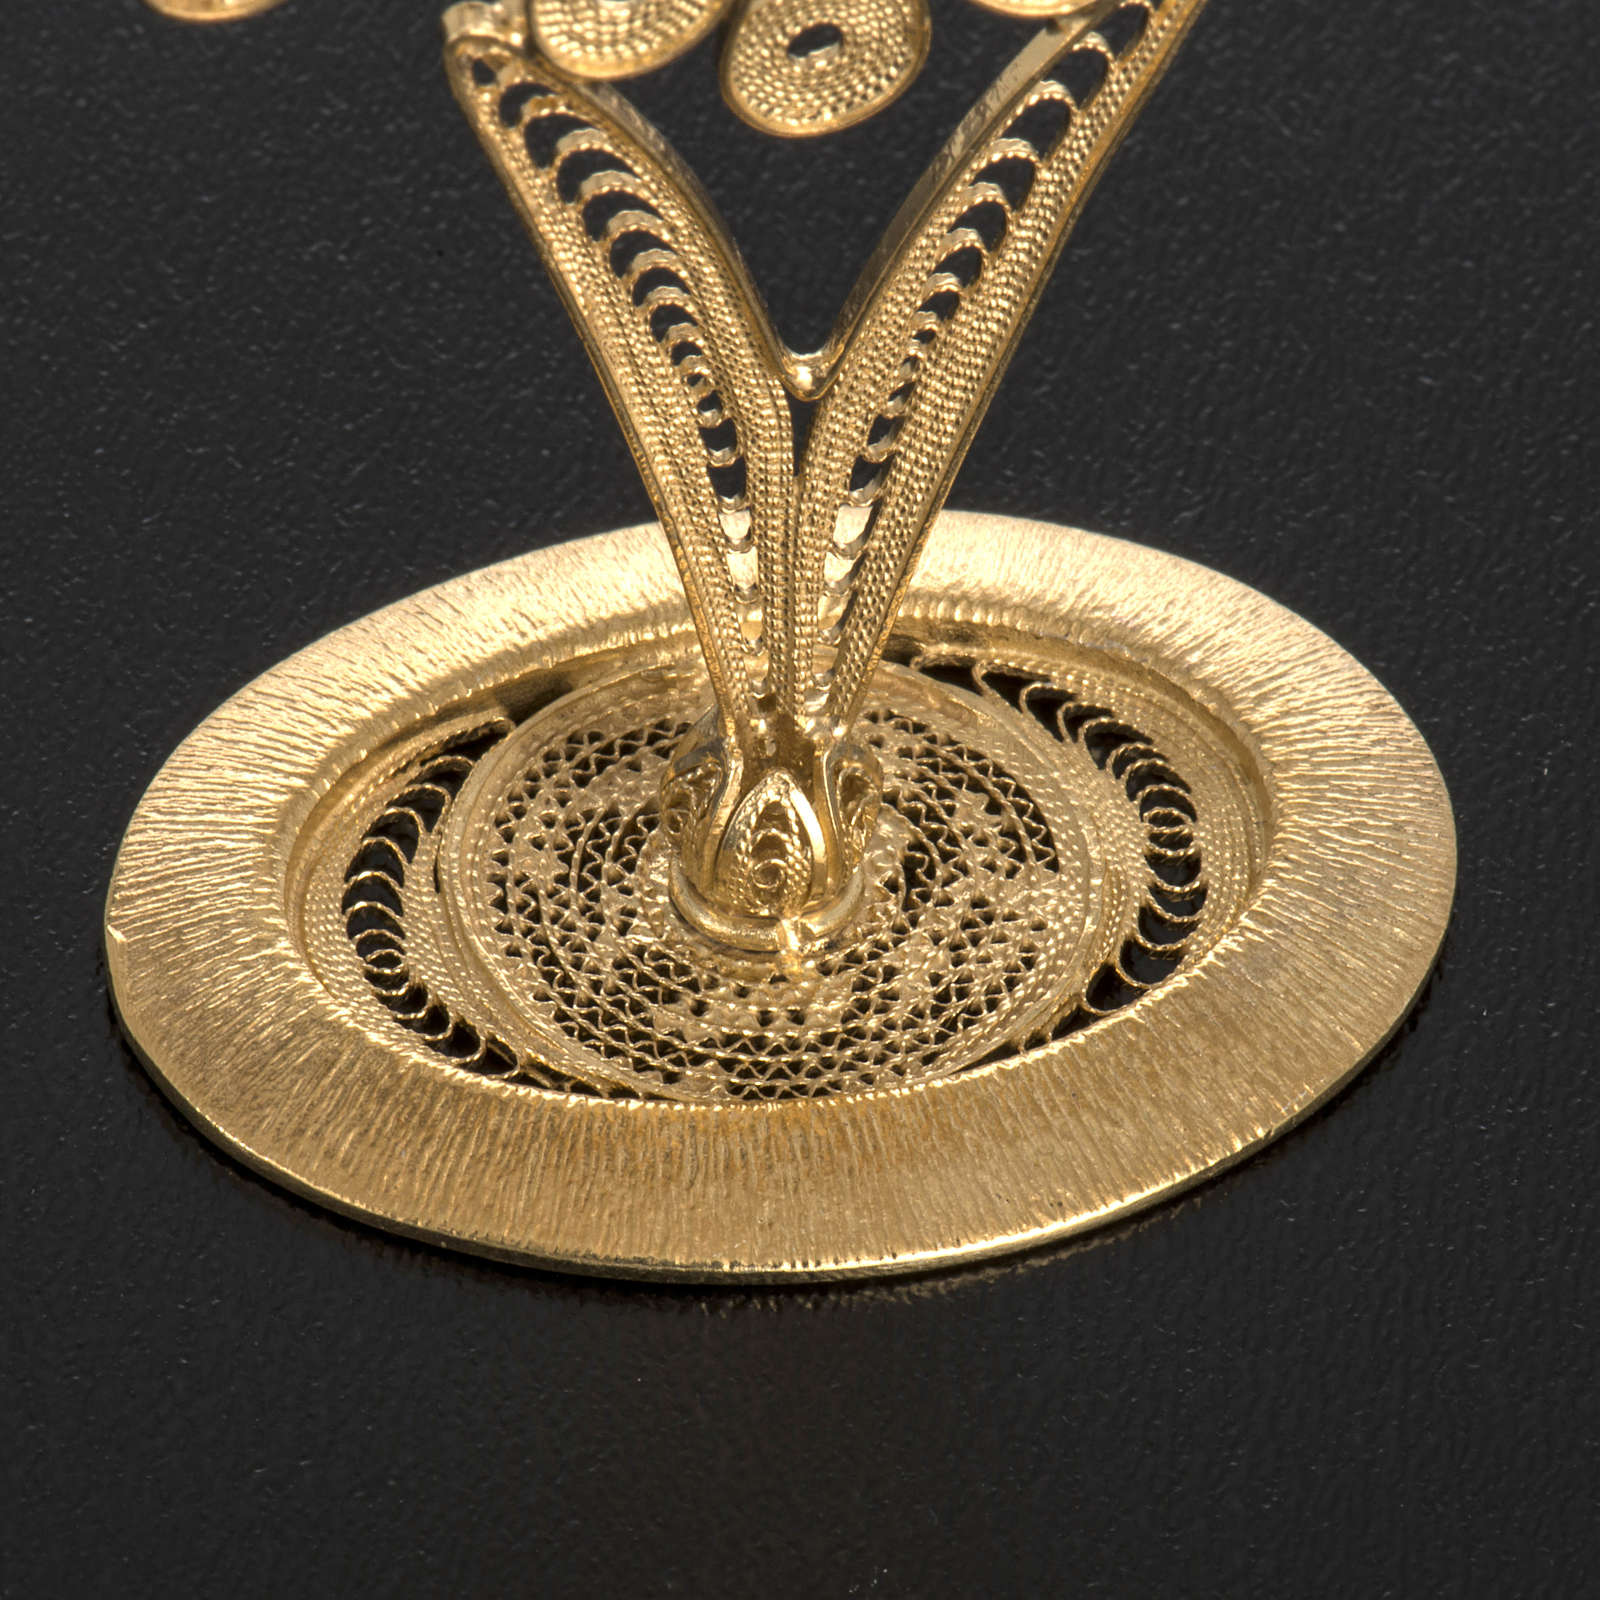 Reliquiario filigrana argento 800 petali 4